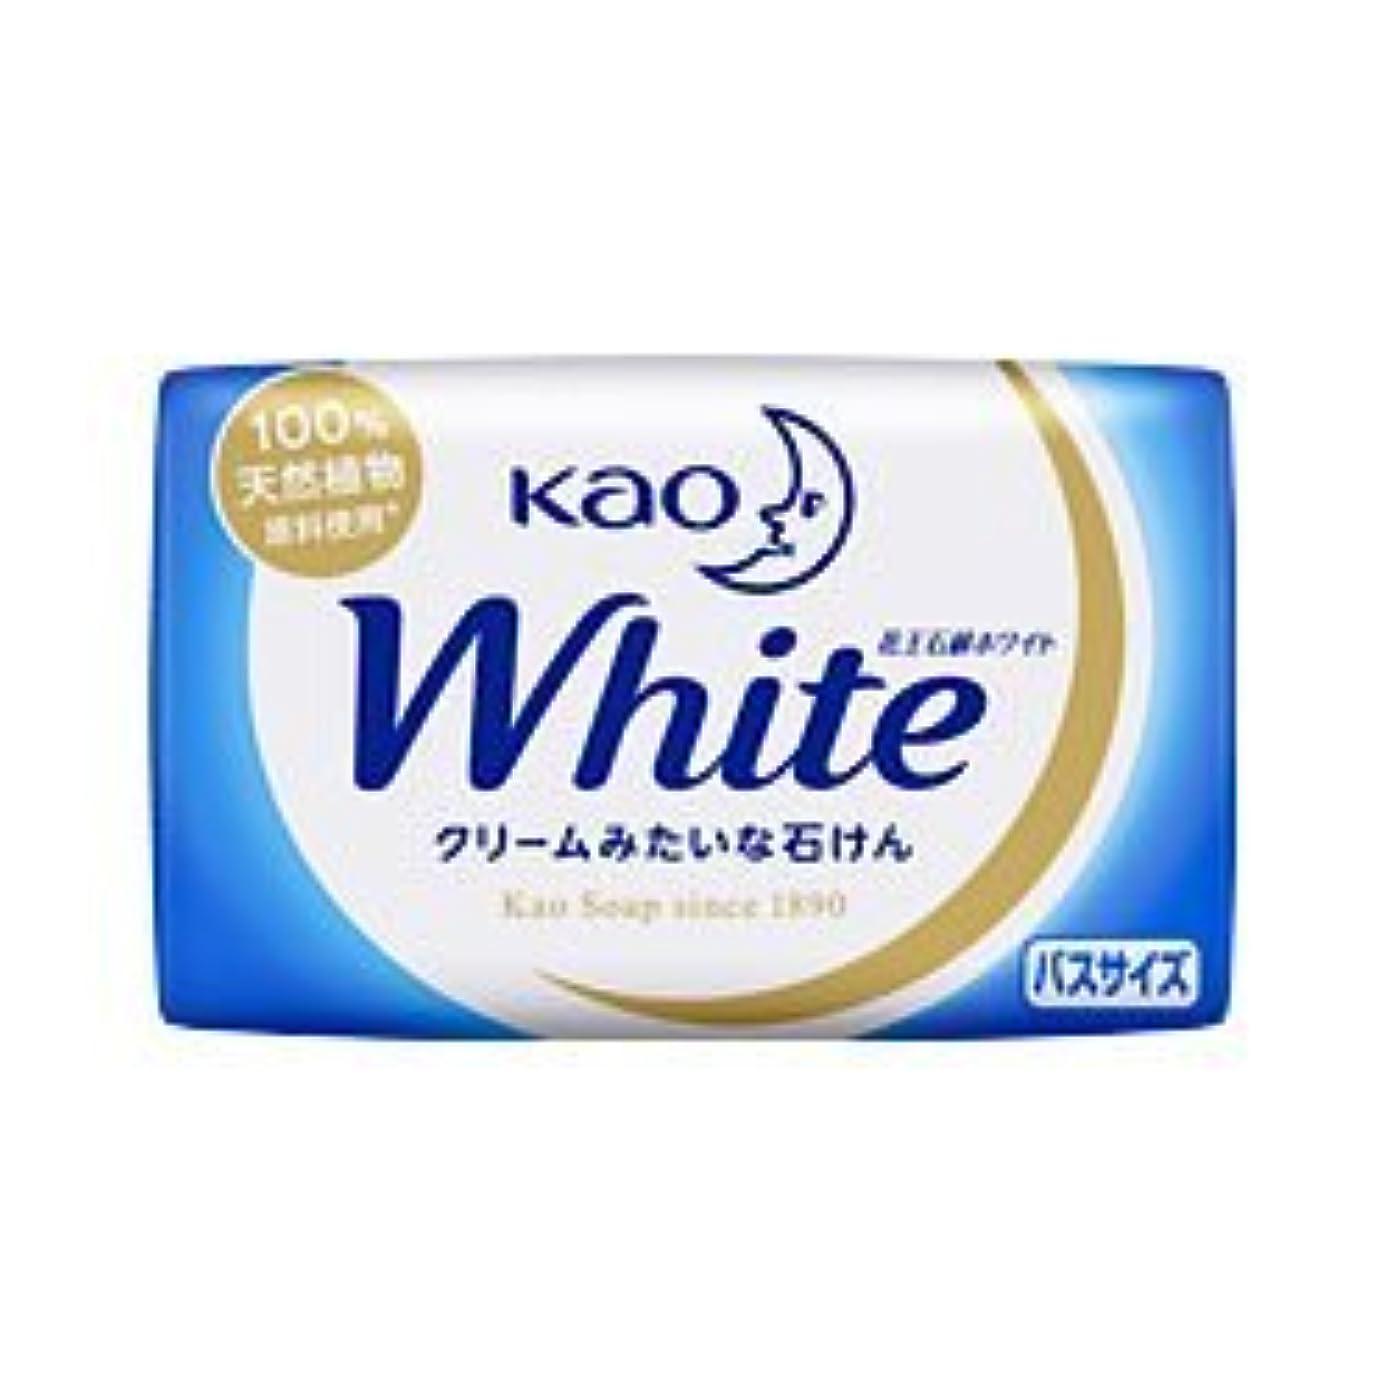 クラックポット受け皿何よりも【花王】花王ホワイト バスサイズ 1個 130g ×20個セット